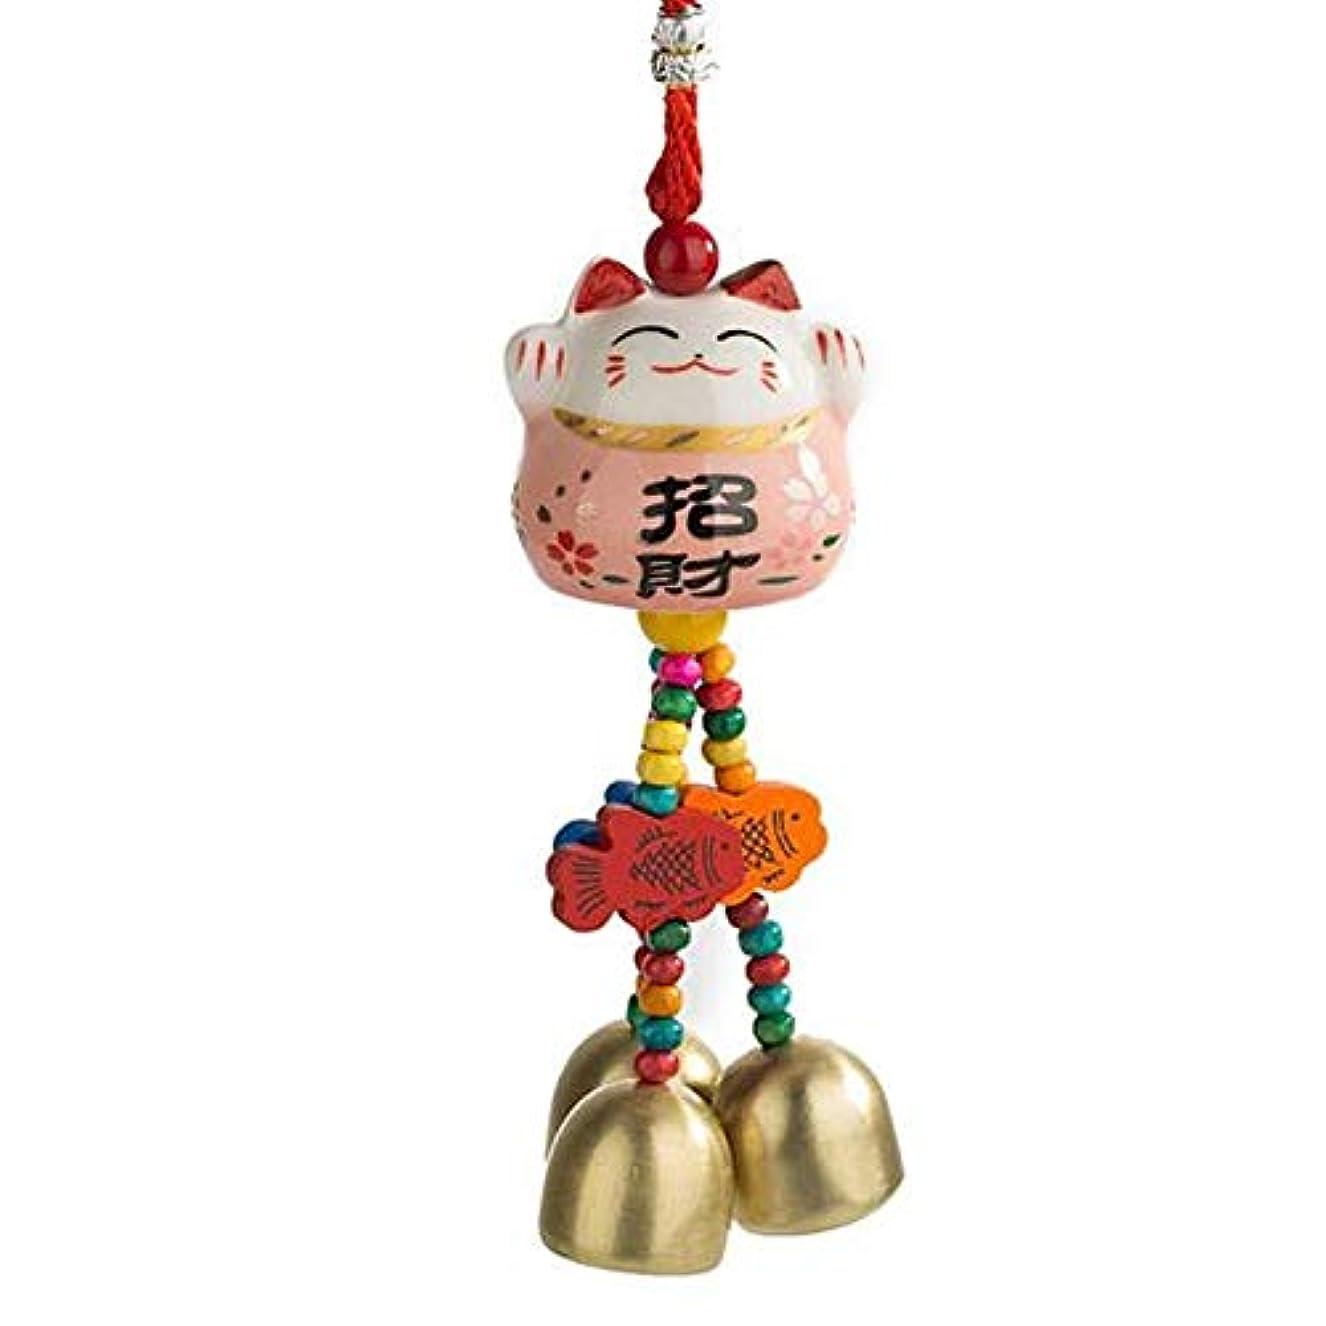 販売員文明更新Yougou01 風チャイム、かわいいクリエイティブセラミック猫風の鐘、赤、長い28センチメートル 、創造的な装飾 (Color : Pink)